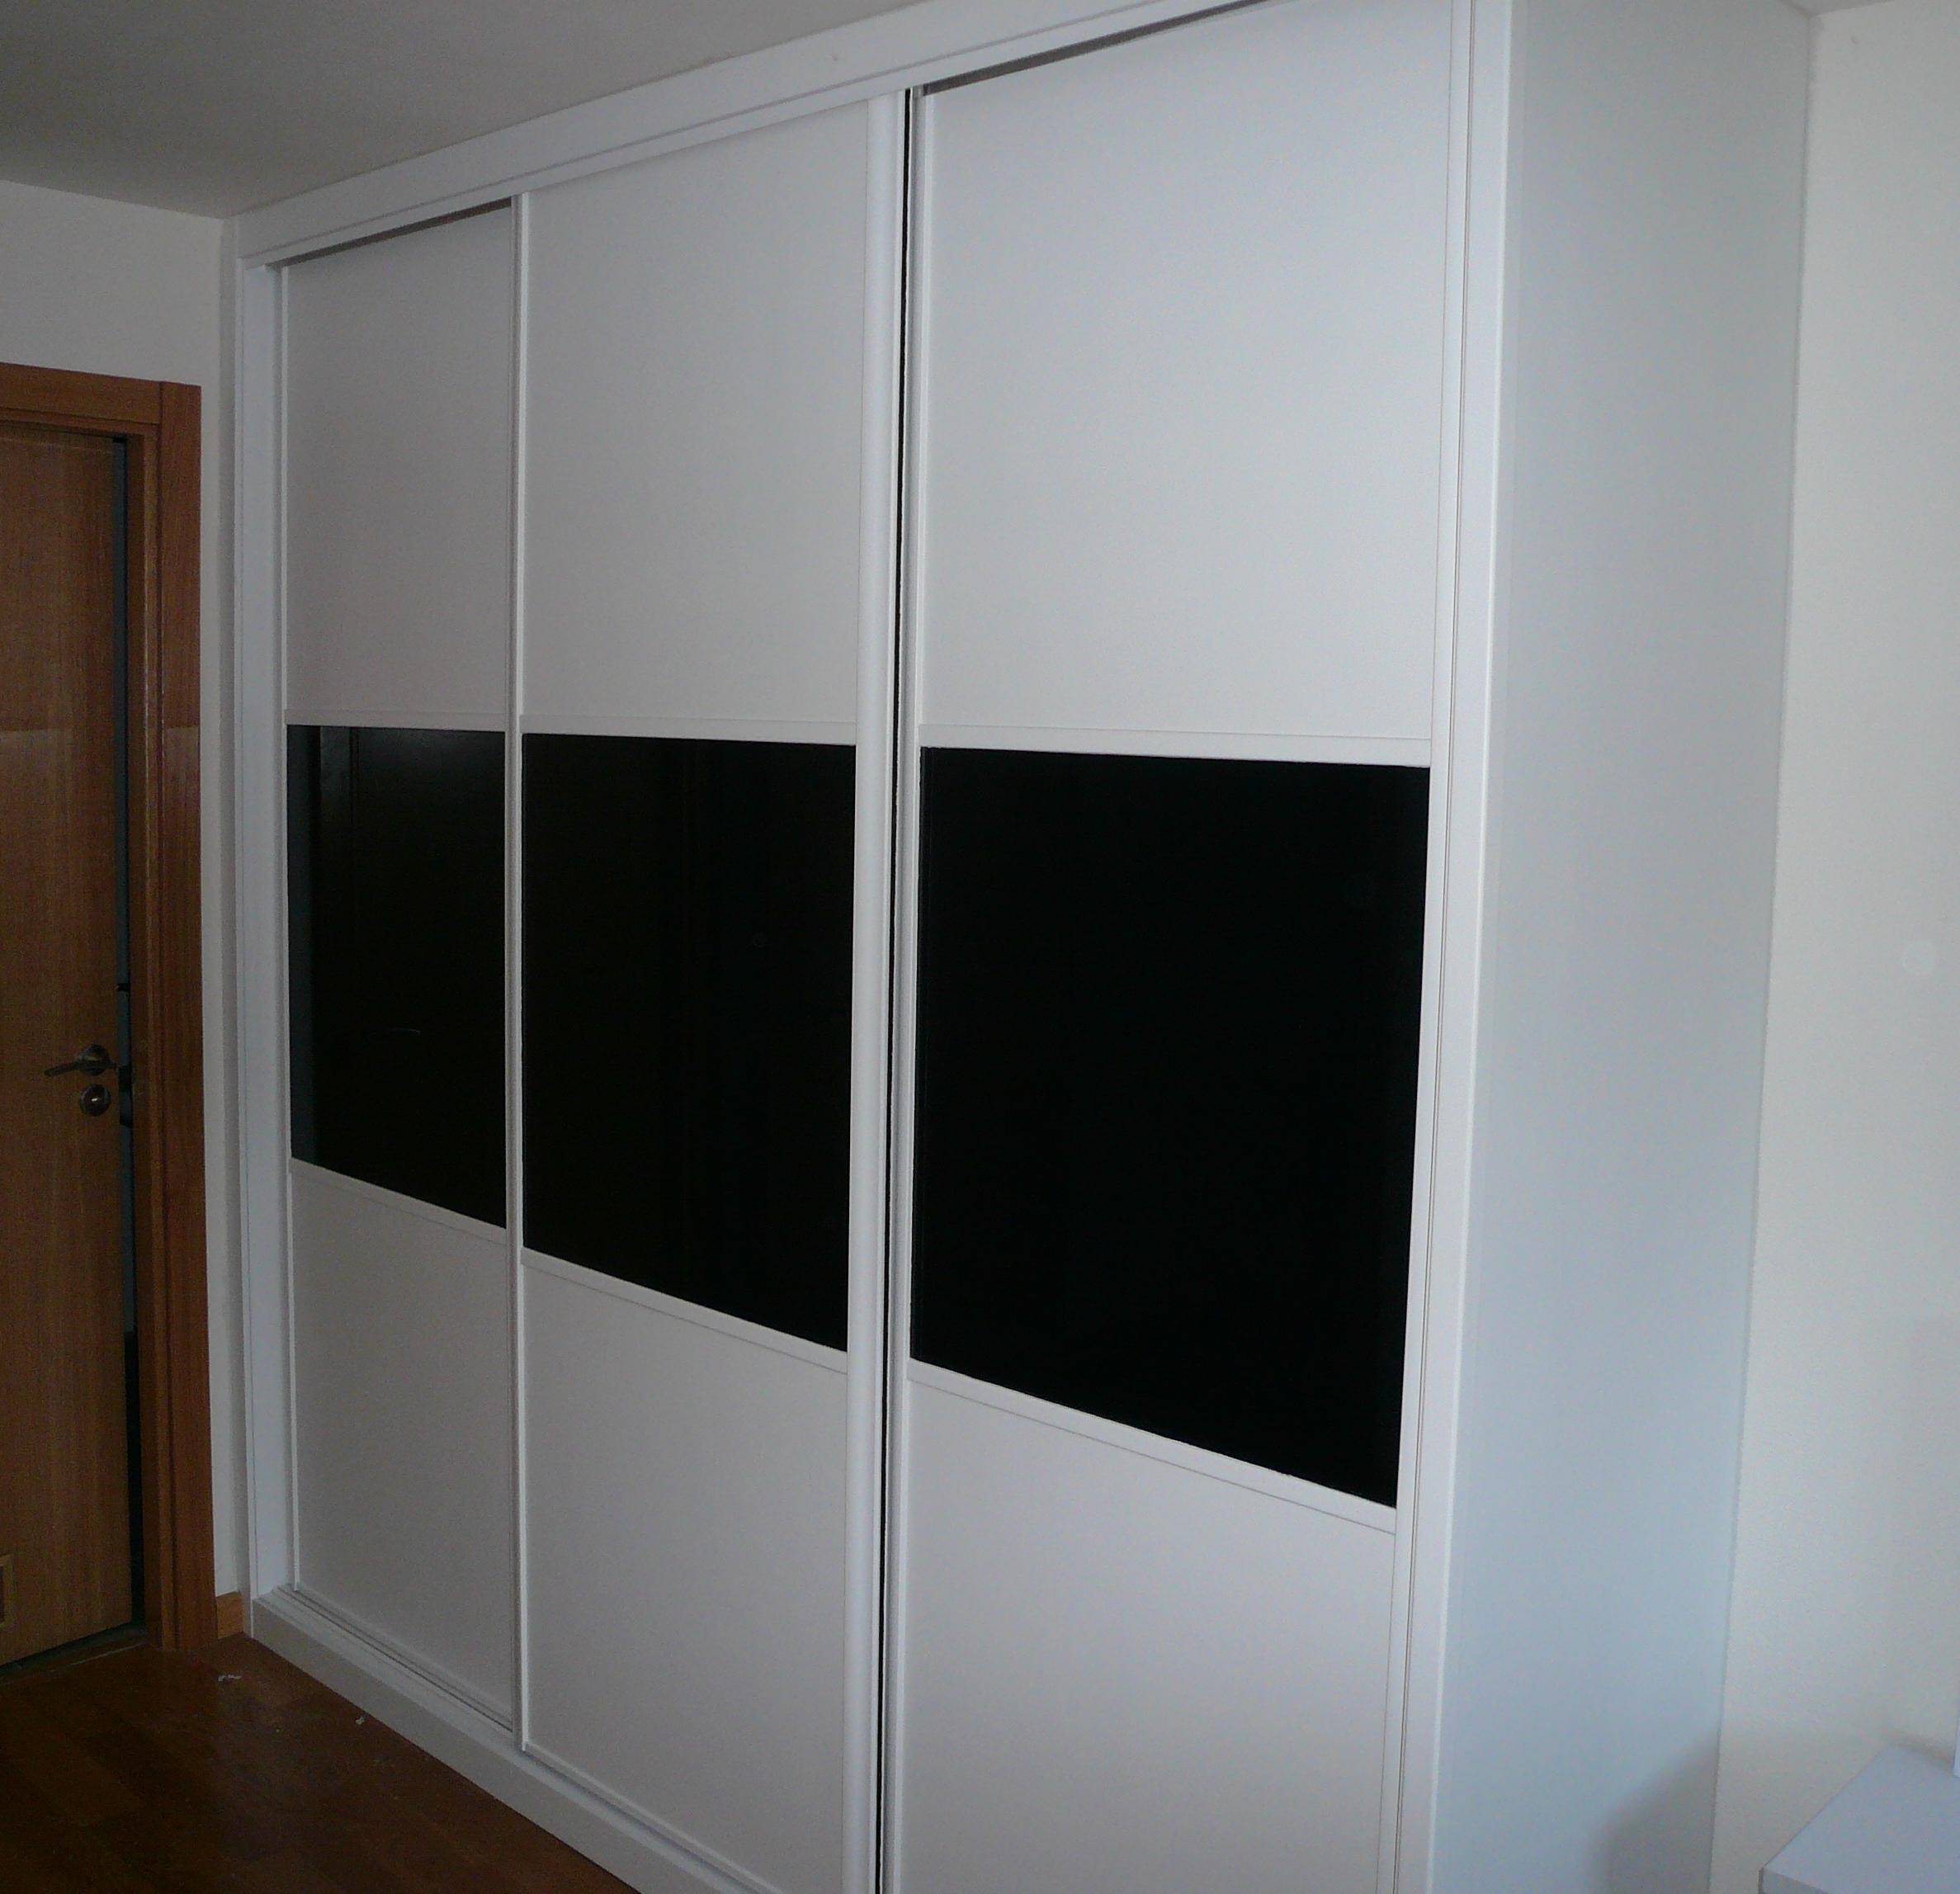 Armario blanco con puertas correderas carpinter a en - Armario blanco puertas correderas ...